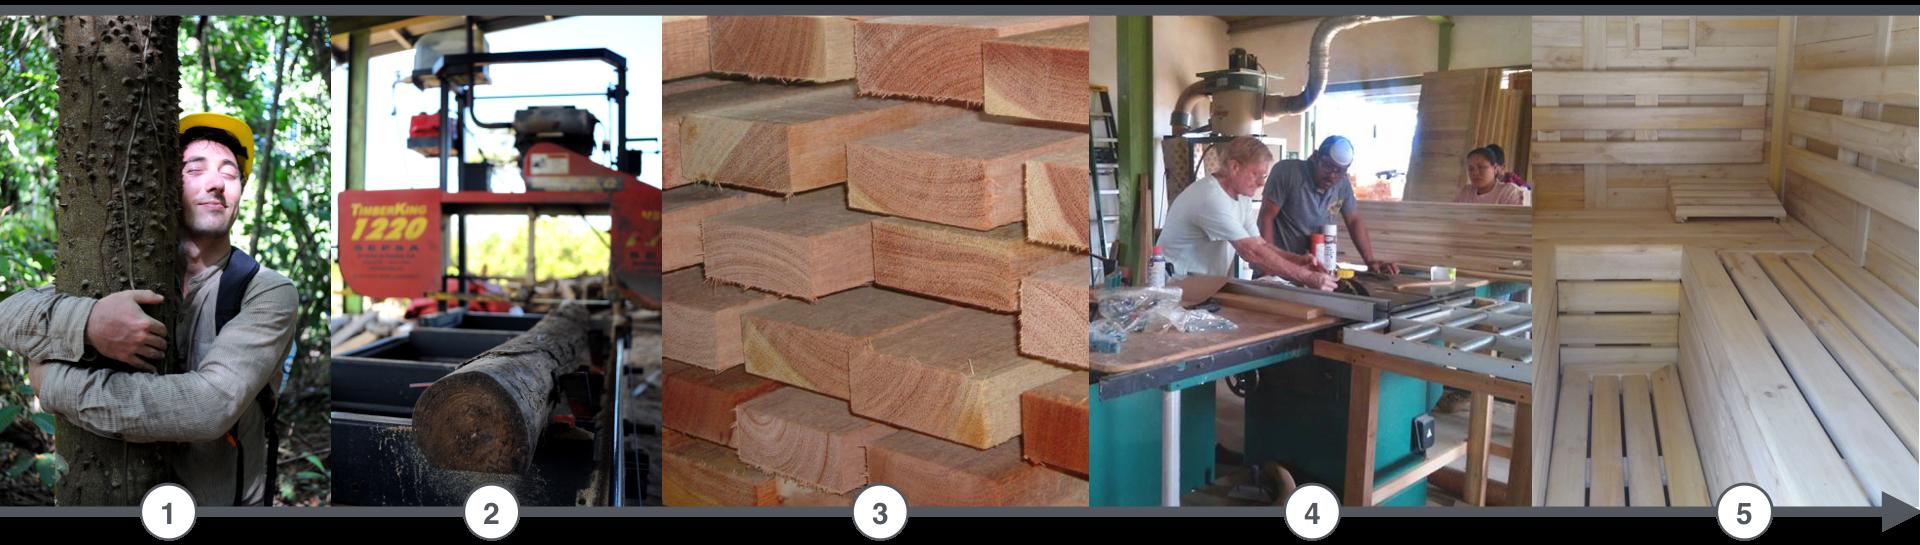 Die Holzwertschöpfungskette bei ForestFinance: Vom Baum zum Stamm, vom Stamm zum Brett, vom Brett bis zur fertigen Sauna! Quelle: ForestFinance Frankreich